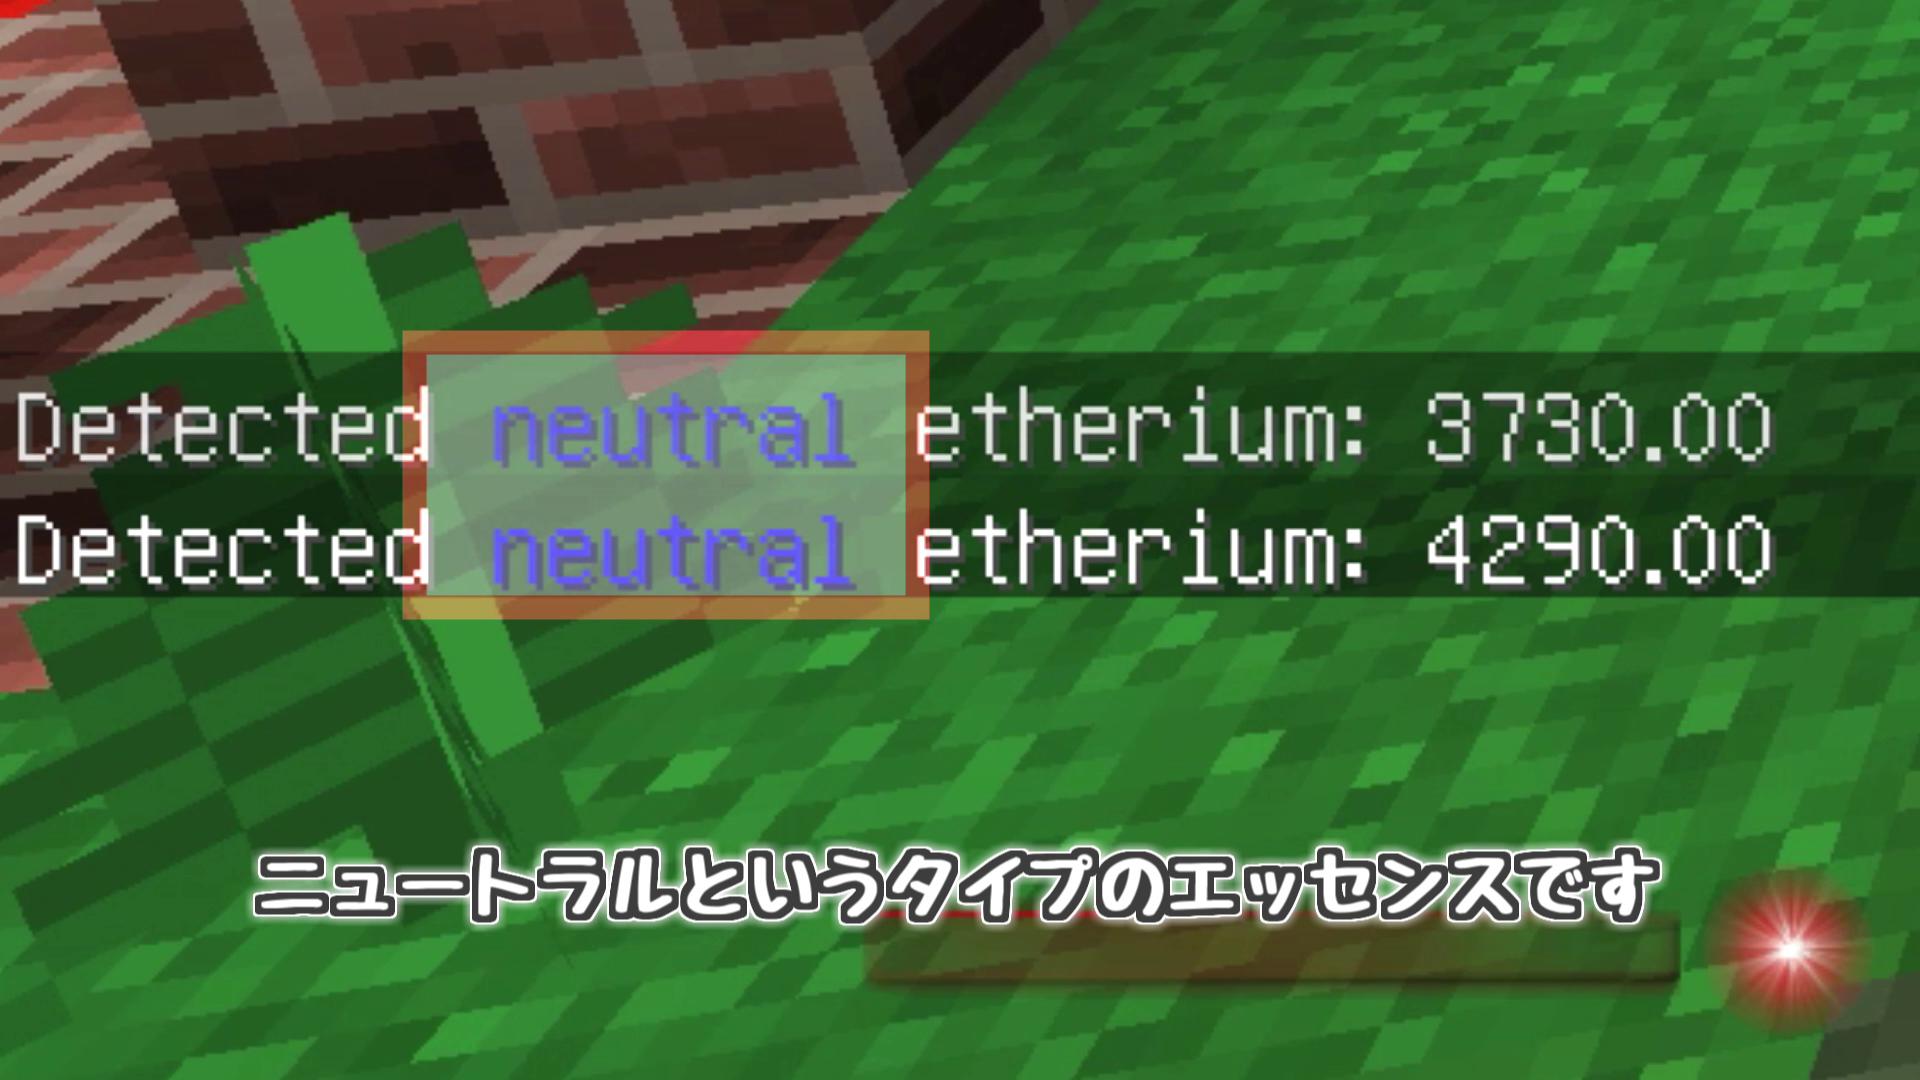 エッセンス(エーテリウム?)の蓄積量確認